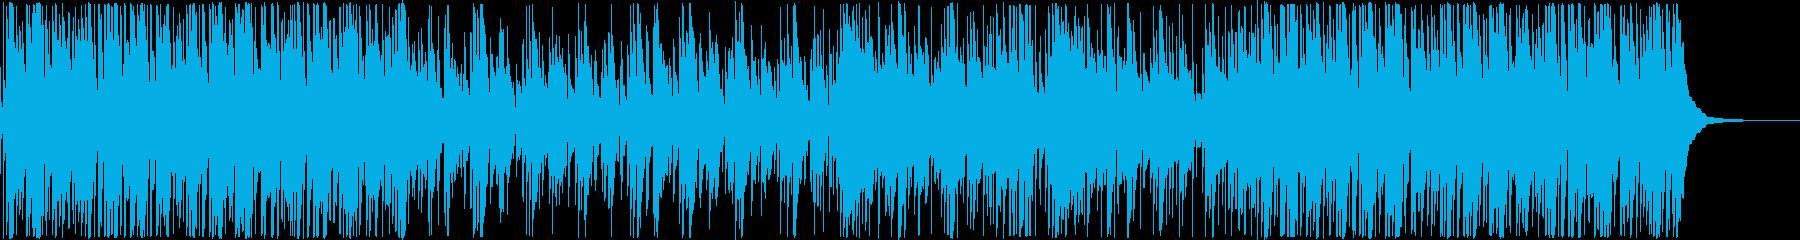 切ない感じの90年代J-POP風インストの再生済みの波形